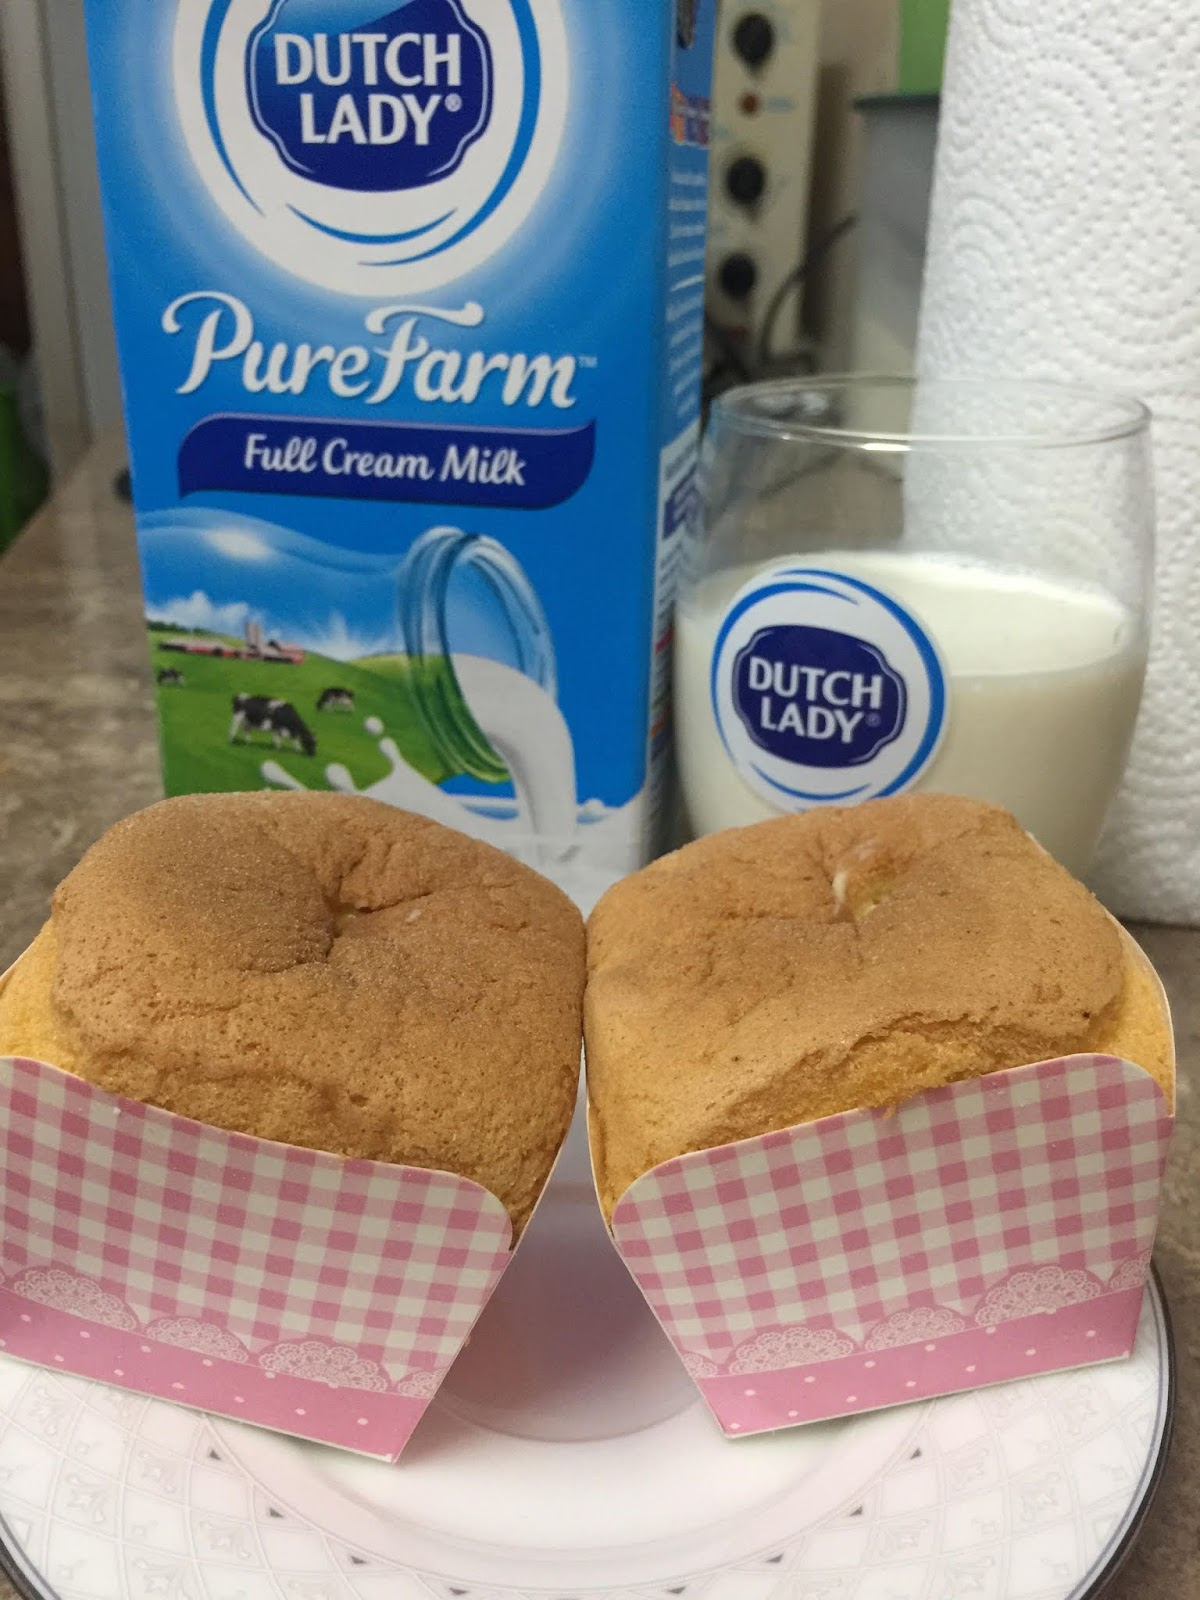 susu dutch lady purefarm, sarapan berkhasiat, jaga badan untuk sihat